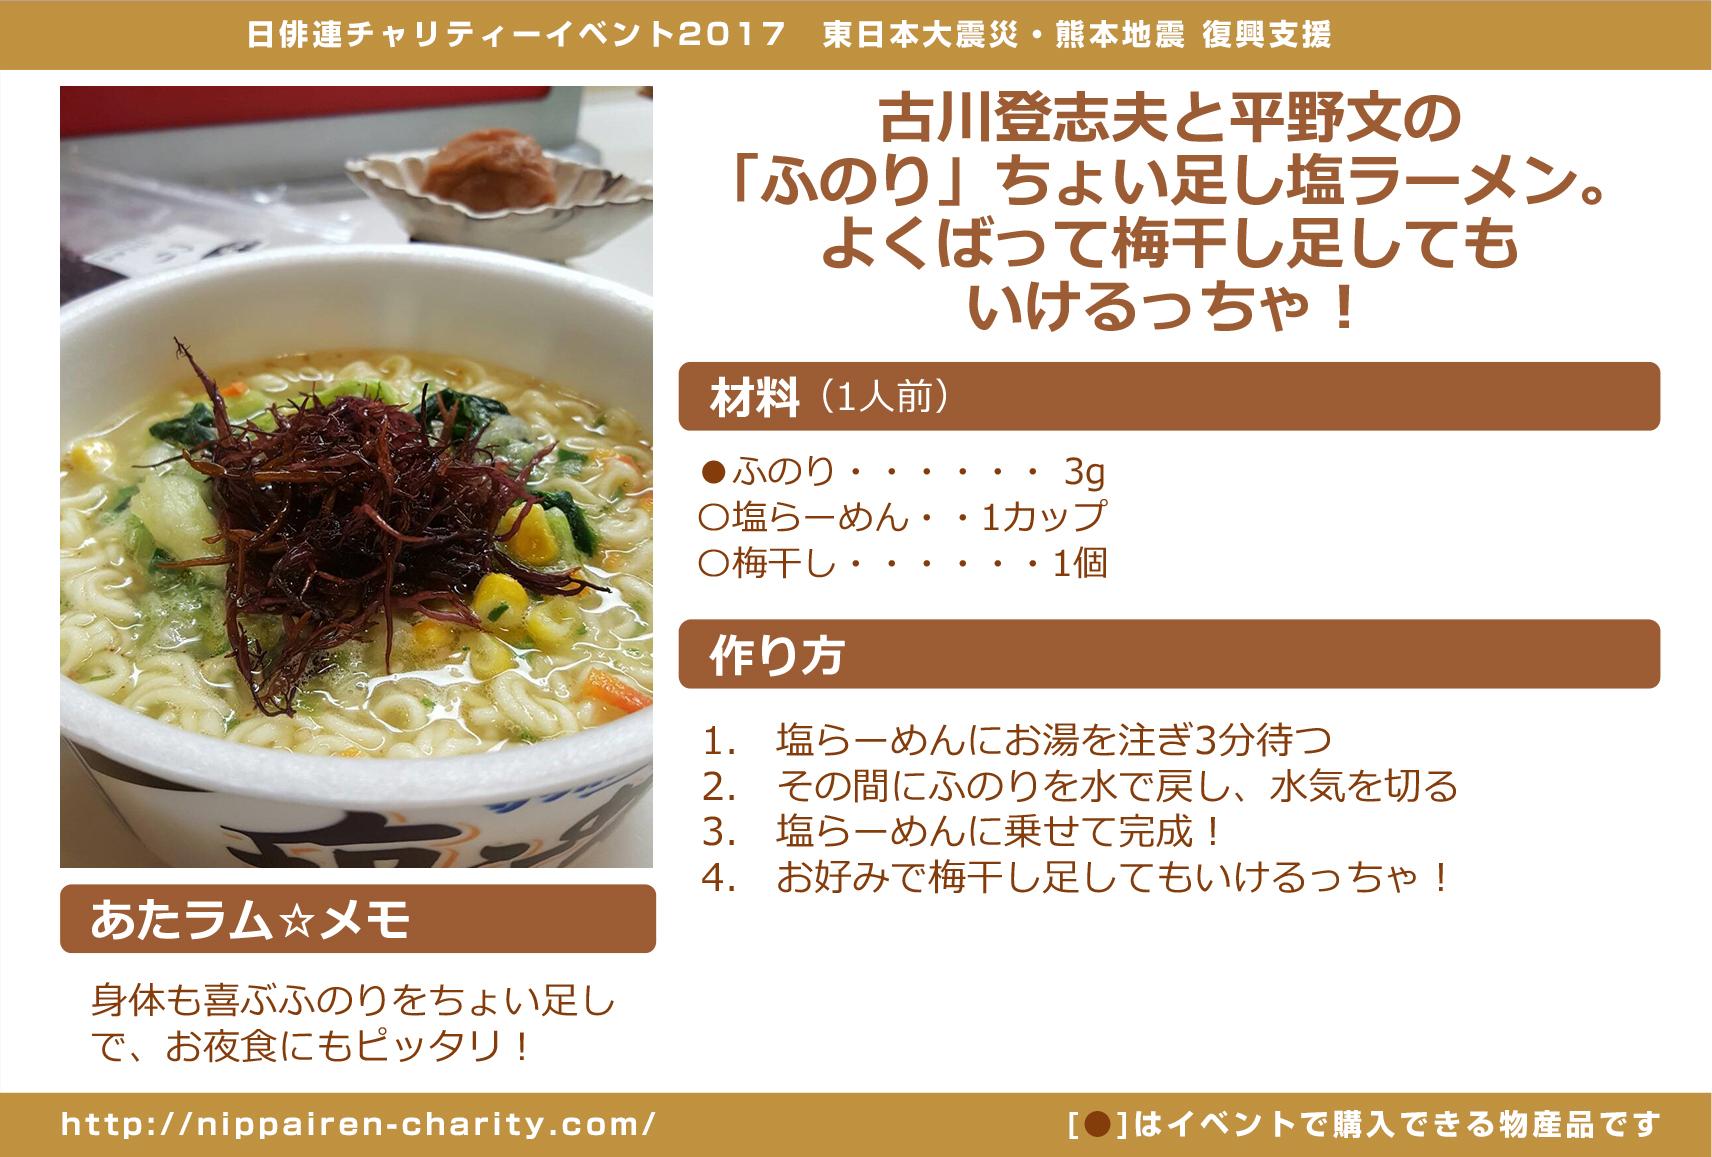 古川登志夫と平野文の「ふのり」ちょい足し塩ラーメン。よくばって梅干し足してもいけるっちゃ!